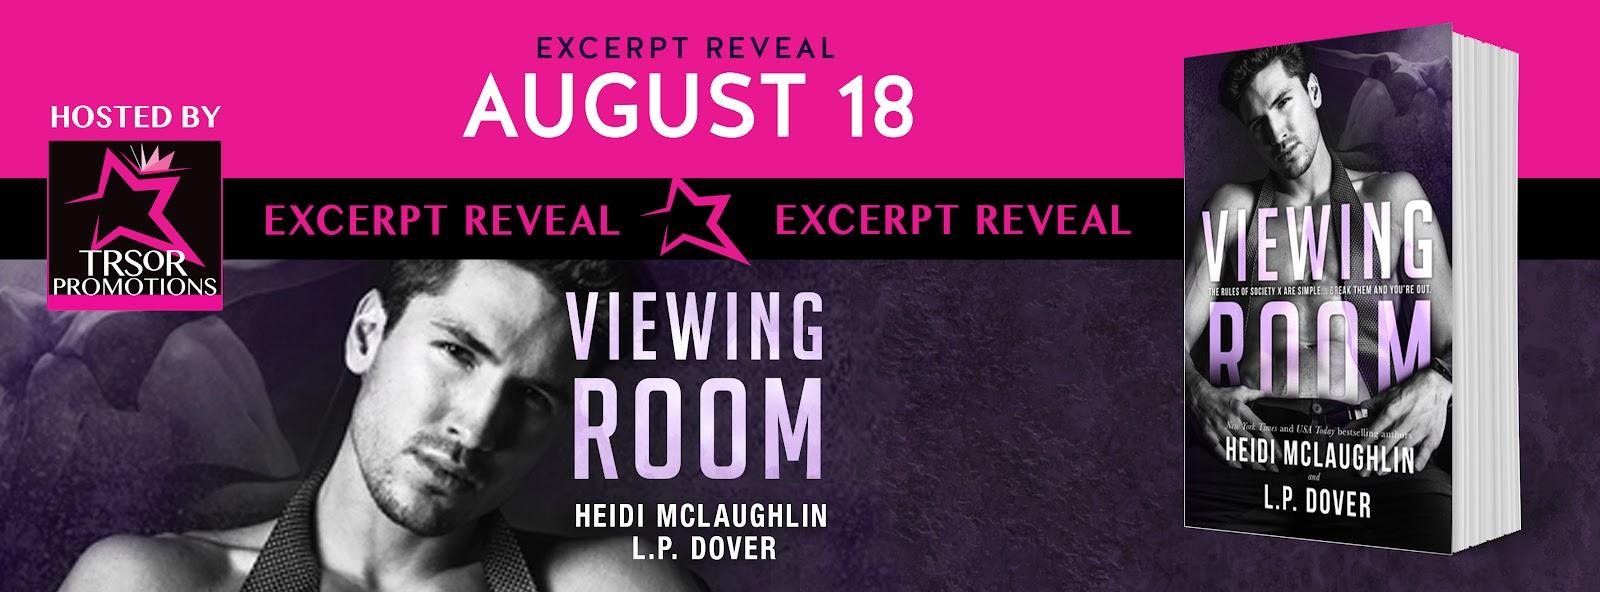 VIEWING_ROOM_EXCERPT.jpg